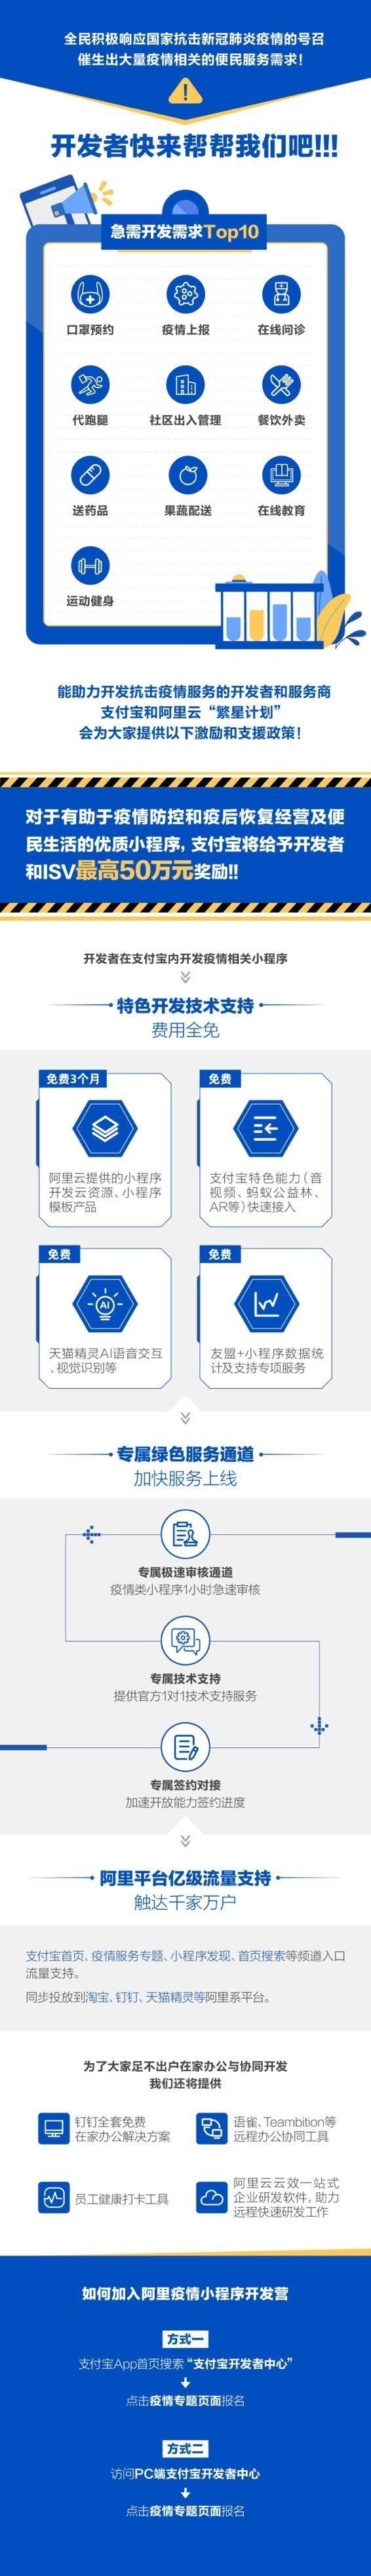 http://www.reviewcode.cn/yunjisuan/117122.html